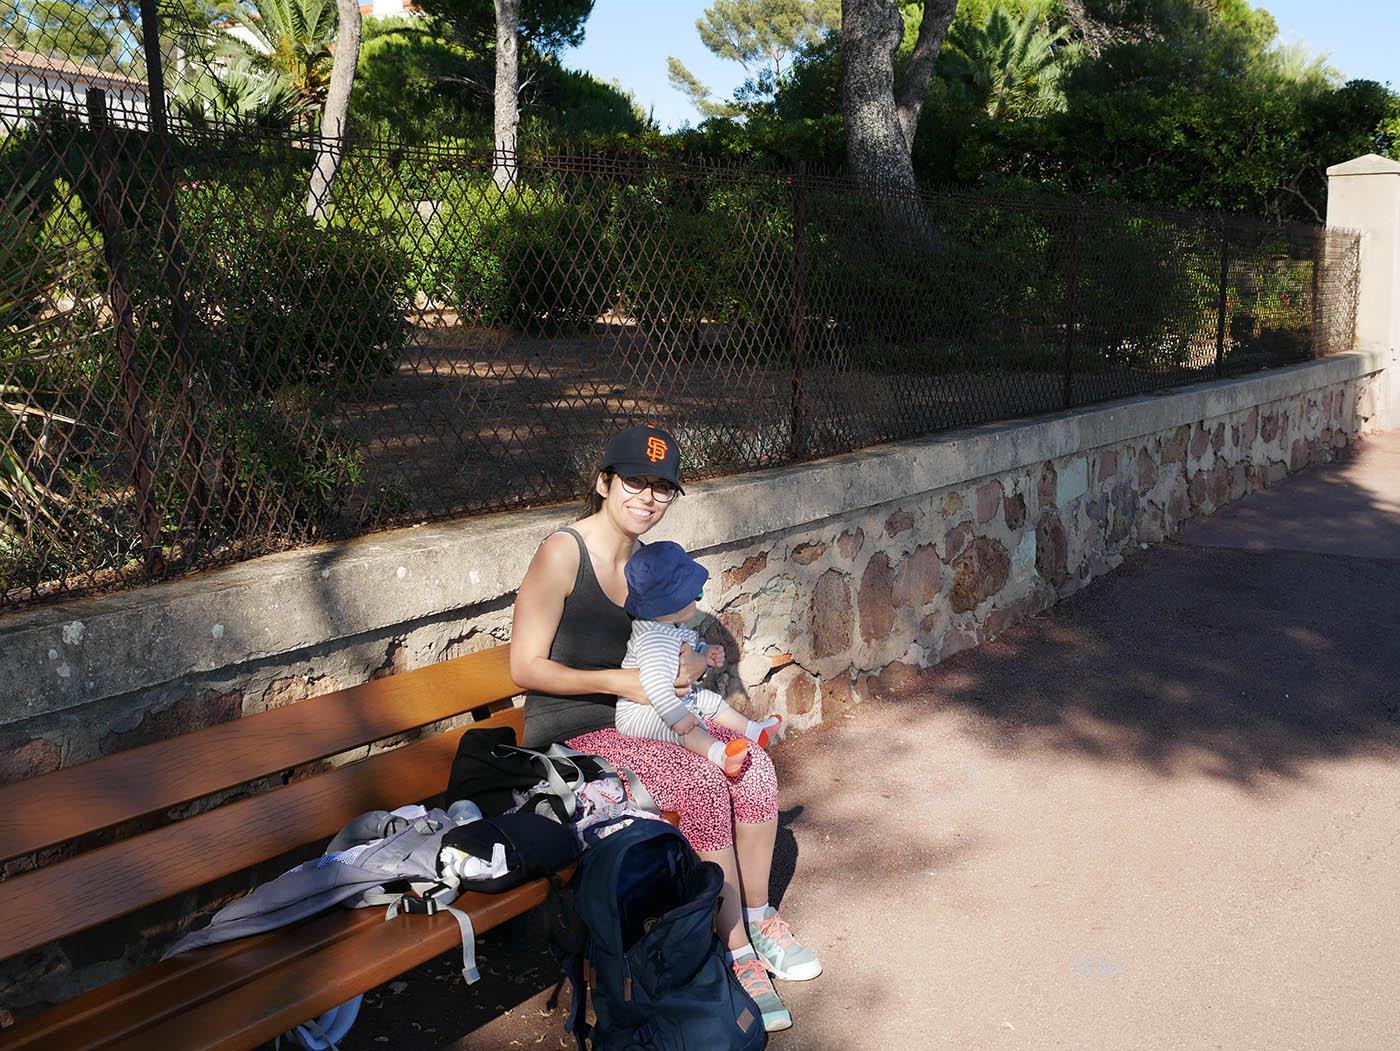 quels achats pour faire manger bébé en sortie ou en voyage ?